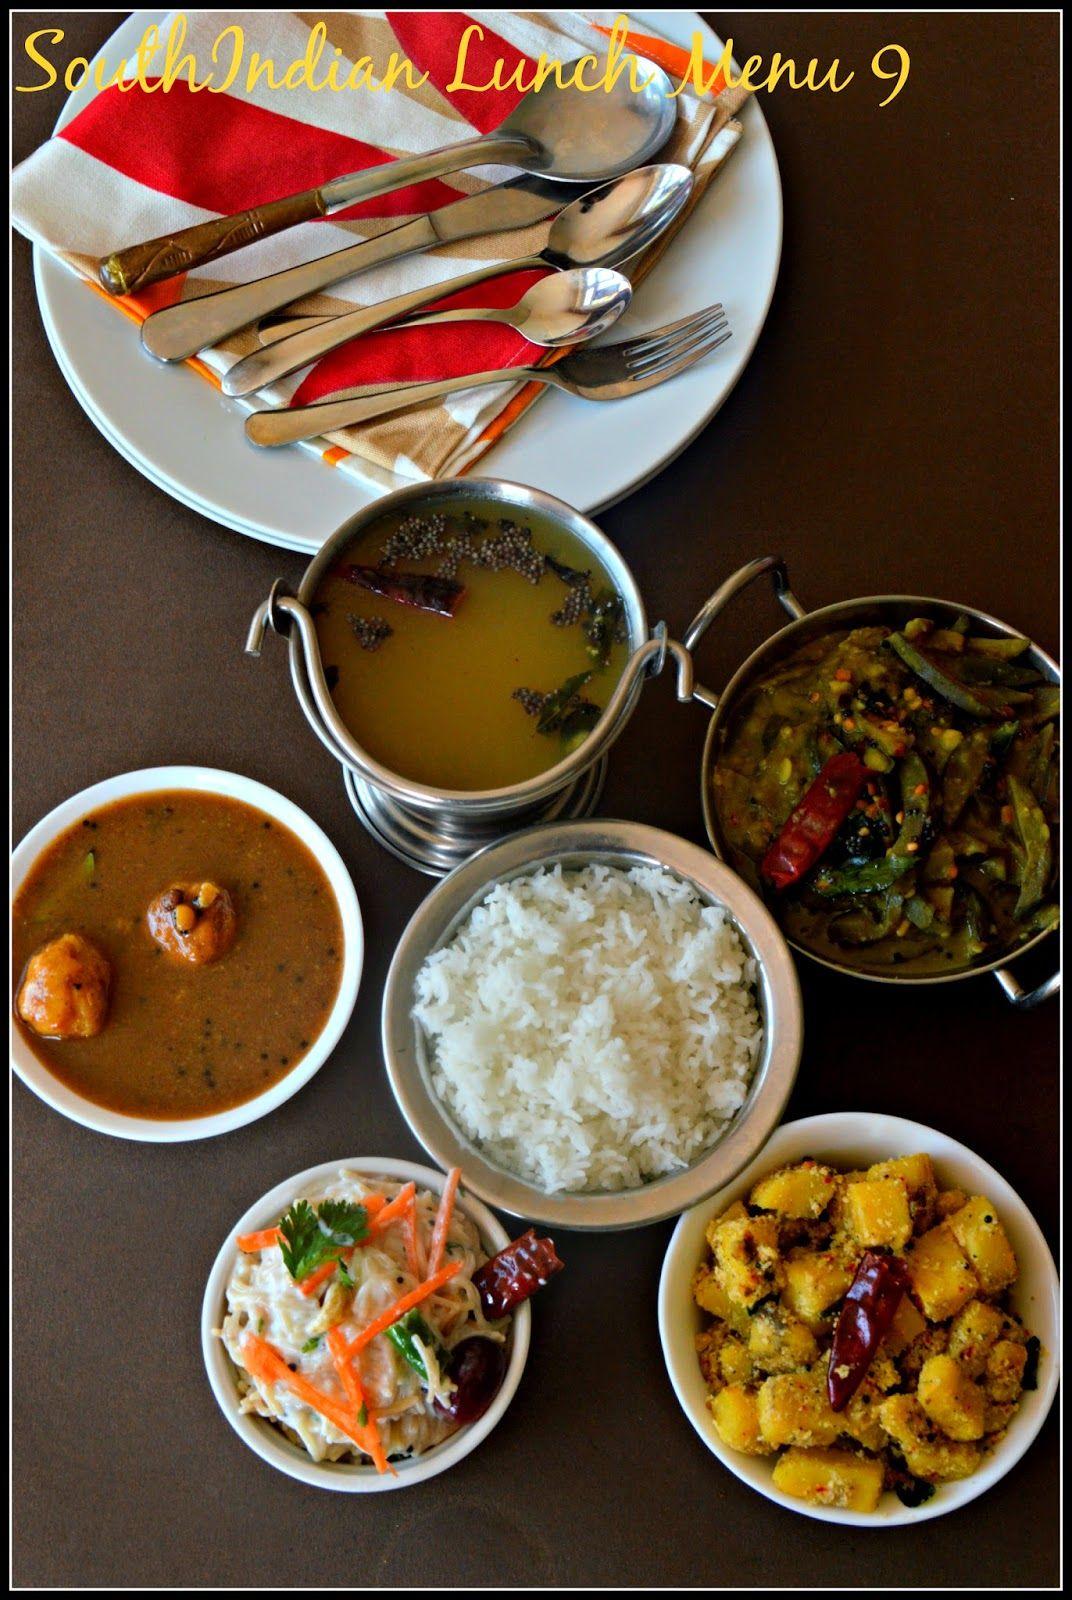 South Indian Lunch Menu 9 Paruppu Urundai Kuzhambu Mor Rasam Raw Banana Poriyal Brinjal Stew And Curd Semiya With Images Indian Food Recipes Full Meal Recipes Ayurvedic Recipes